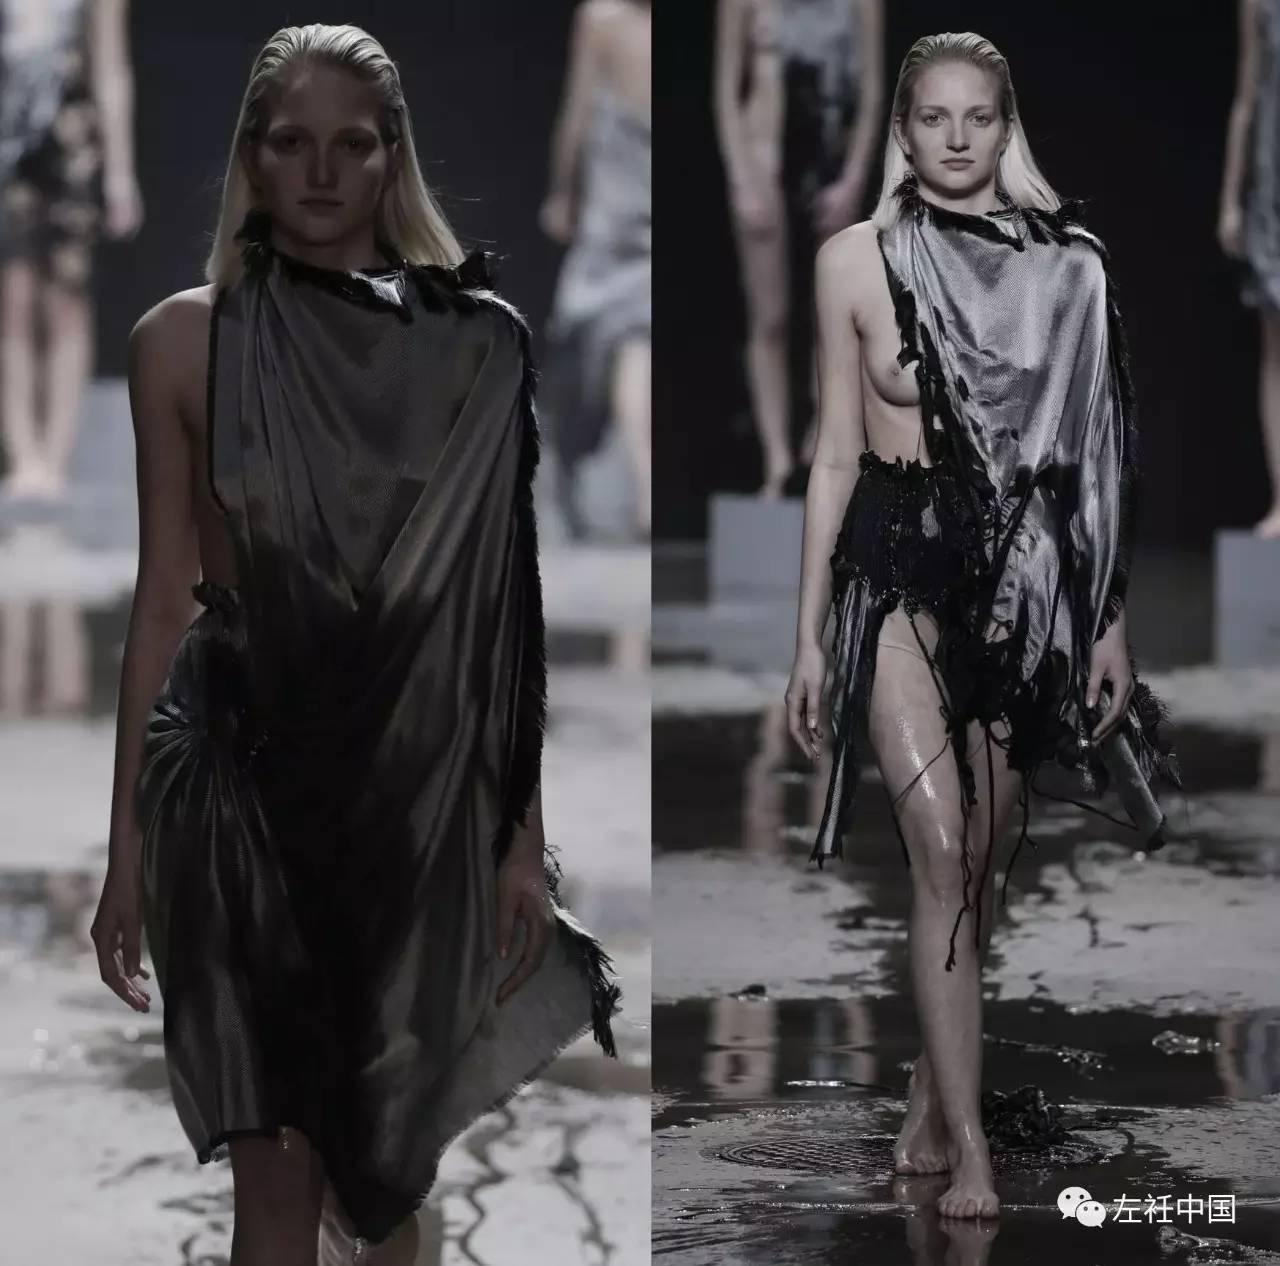 遇水即溶的未来时装震撼全场 ART 第32张